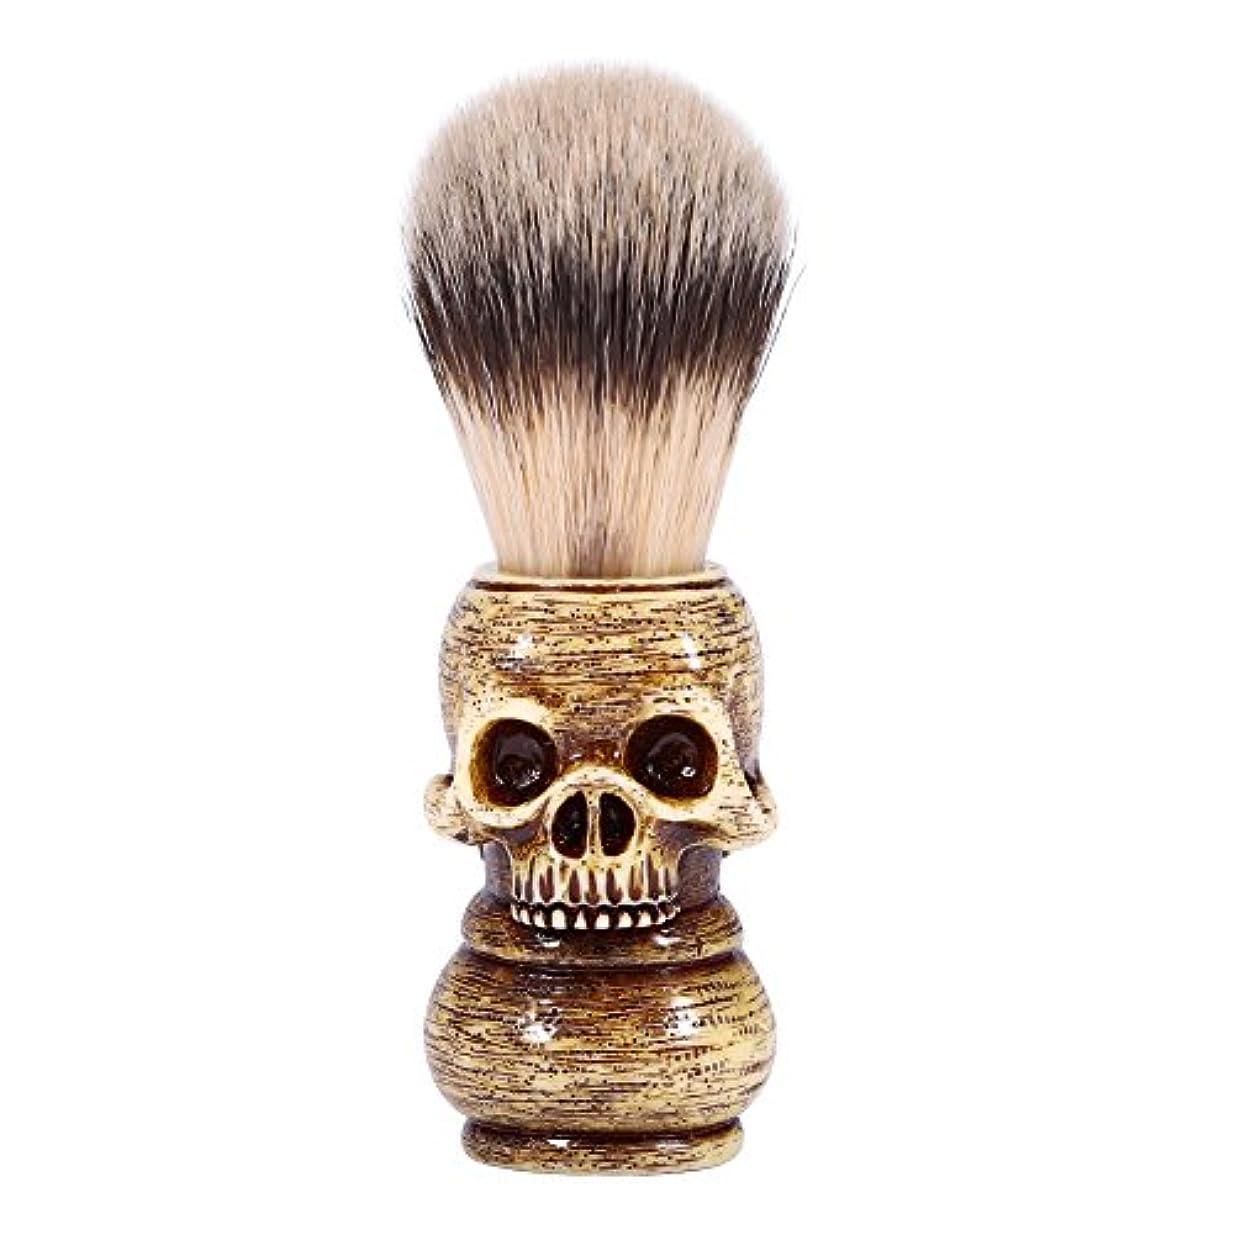 実業家貴重な表現シェービングブラシ メンズ グルーミングツール メイクアップ サロン ビアードシェービングブラシ ひげ 洗顔 髭剃り 男性 ギフト理容